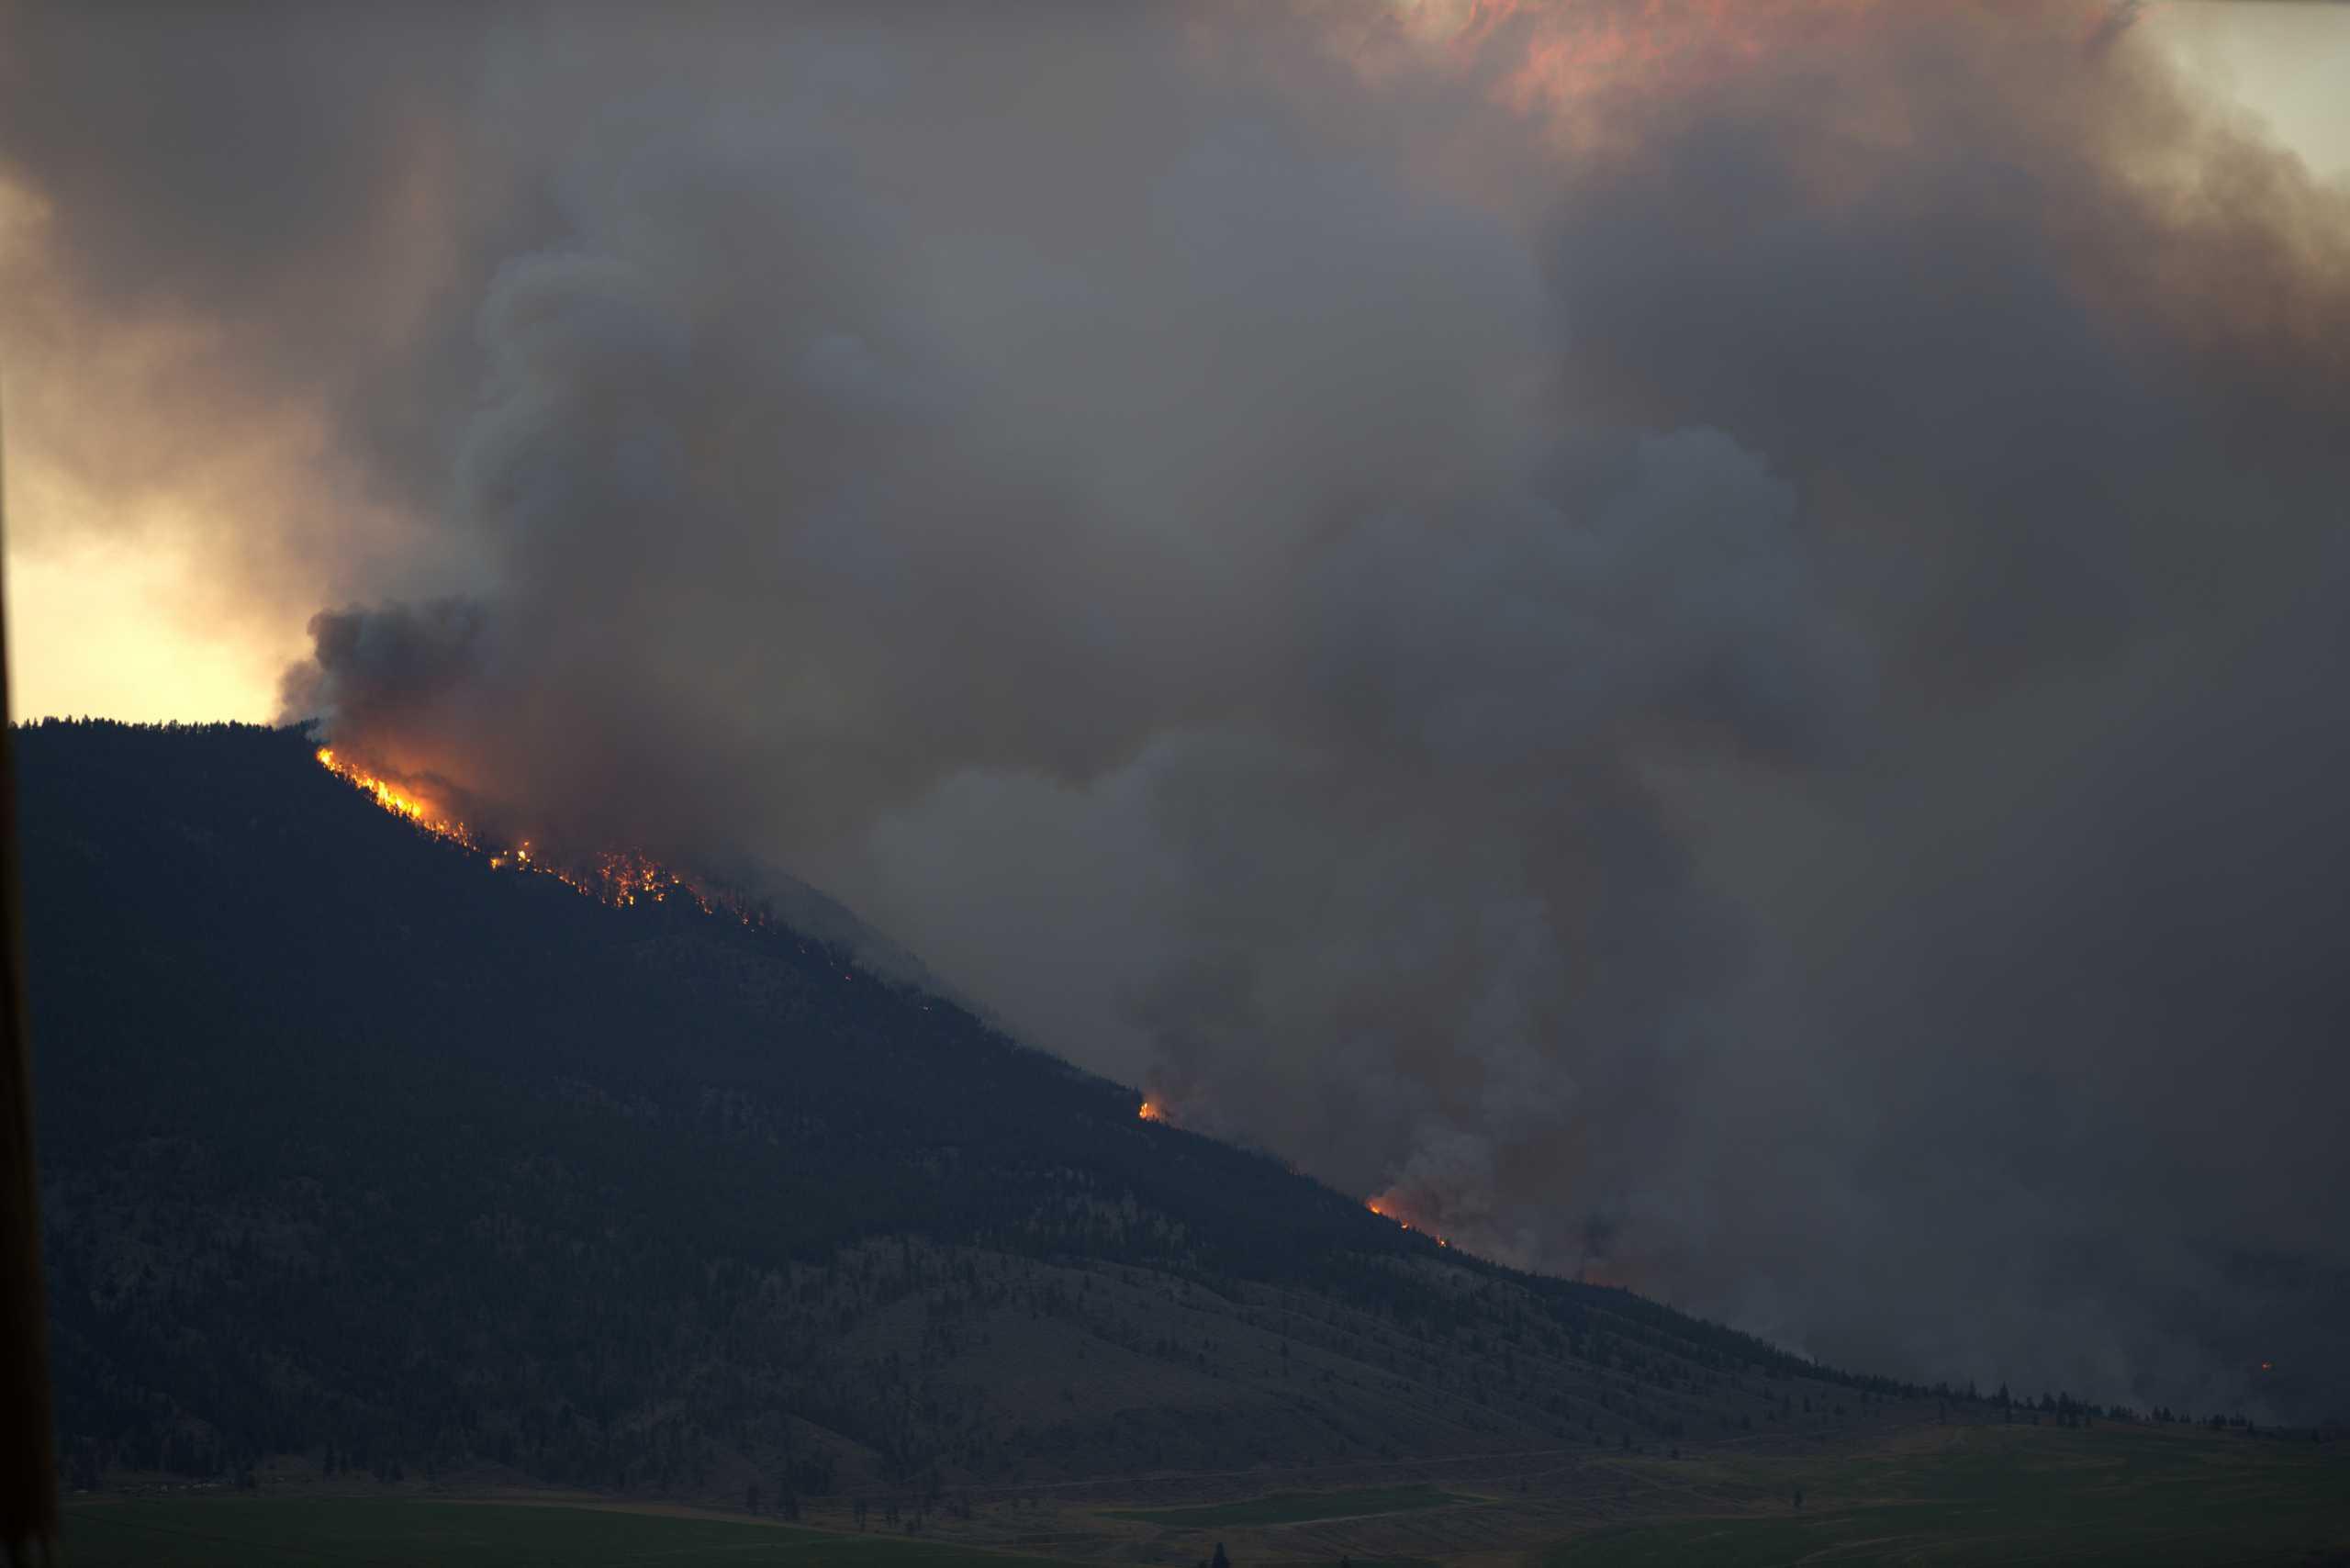 Καναδάς: Εκατοντάδες κάτοικοι εγκατέλειψαν τα σπίτια τους εξαιτίας των μεγάλων πυρκαγιών